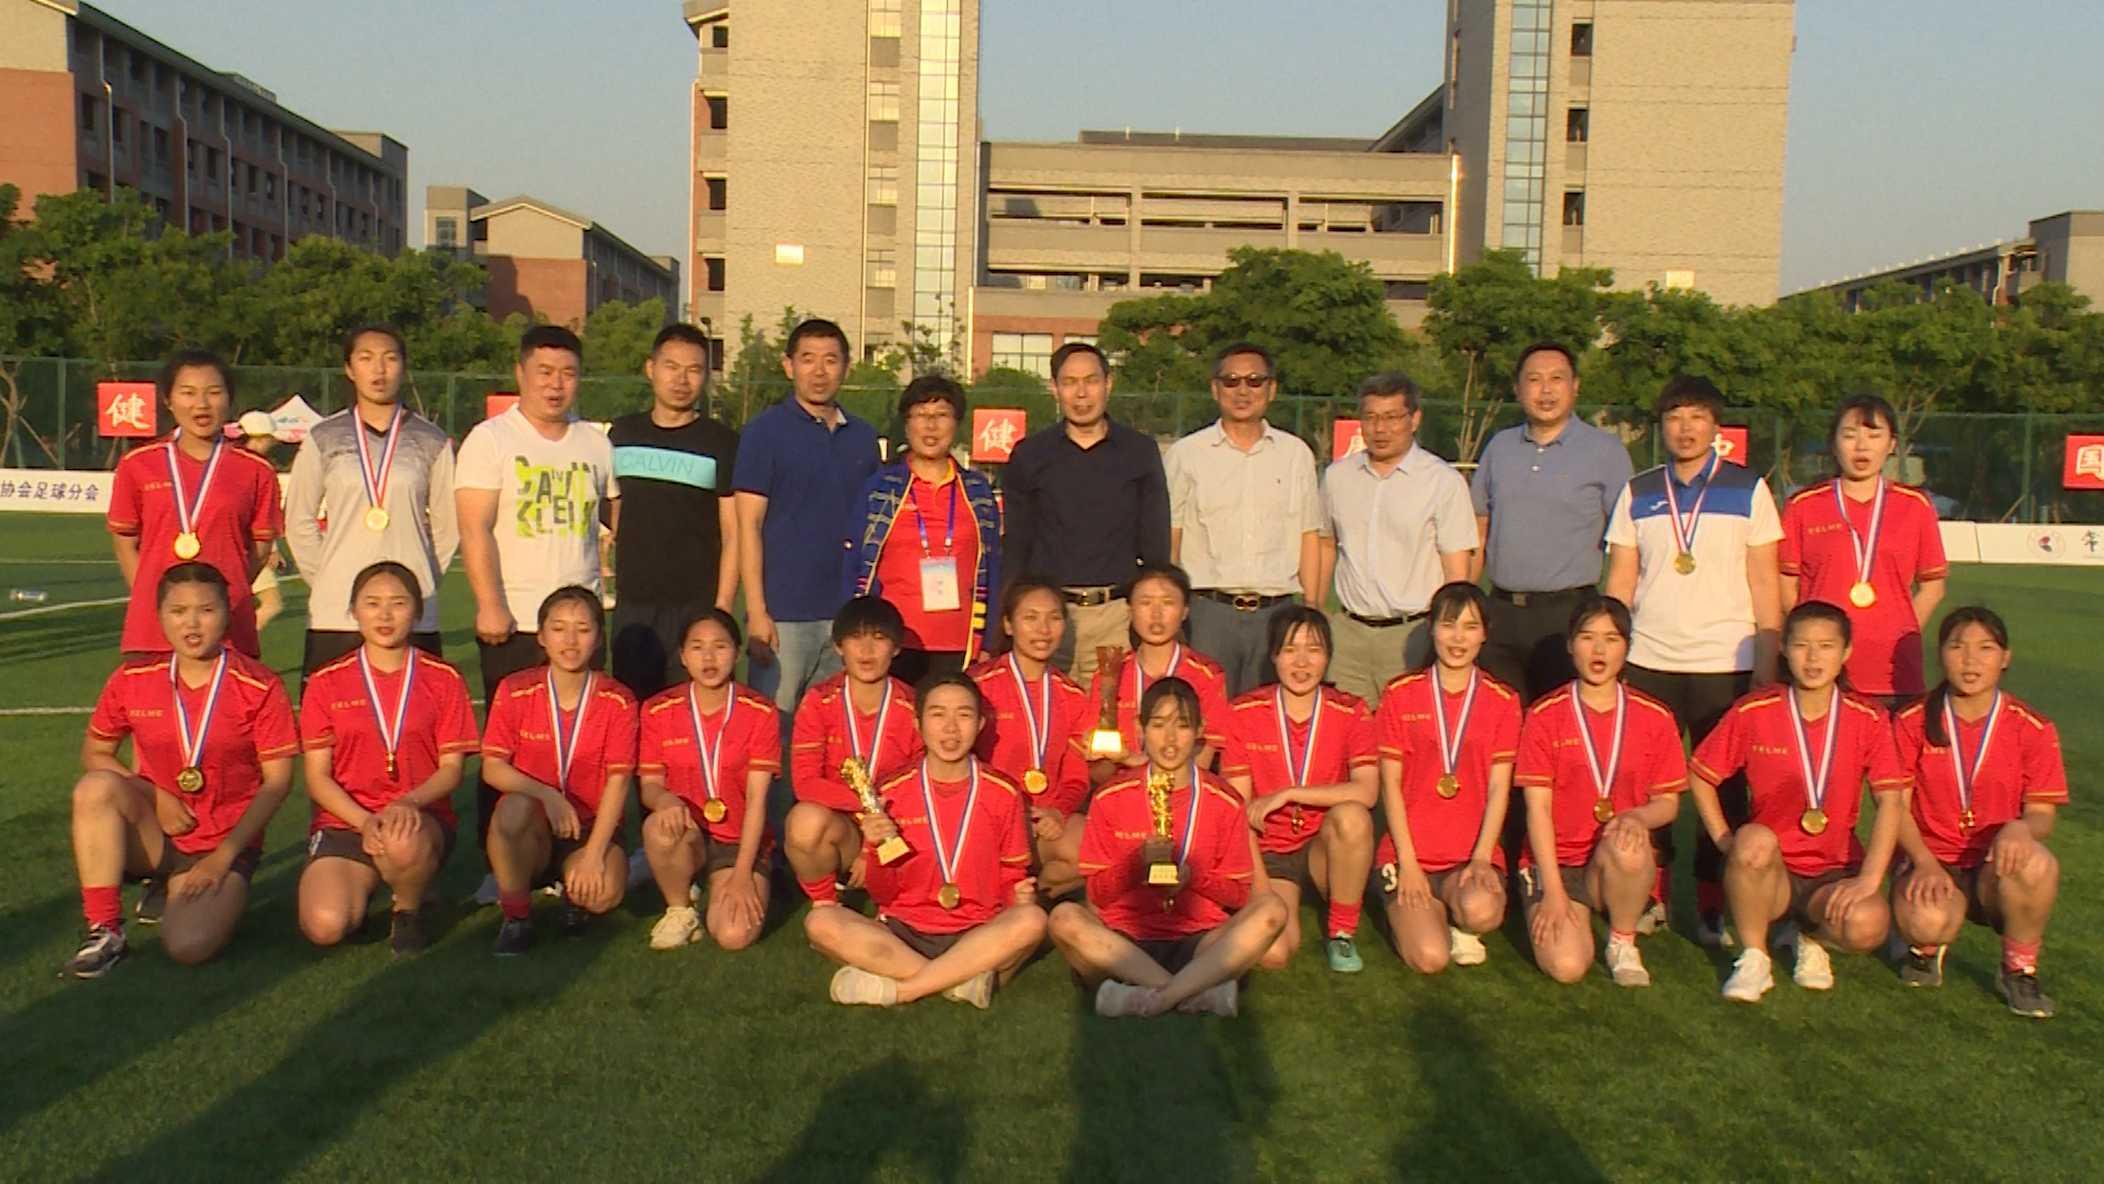 视频报道 | 2018-2019全国青少年校园足球联赛(大学女子校园组)圆满落幕